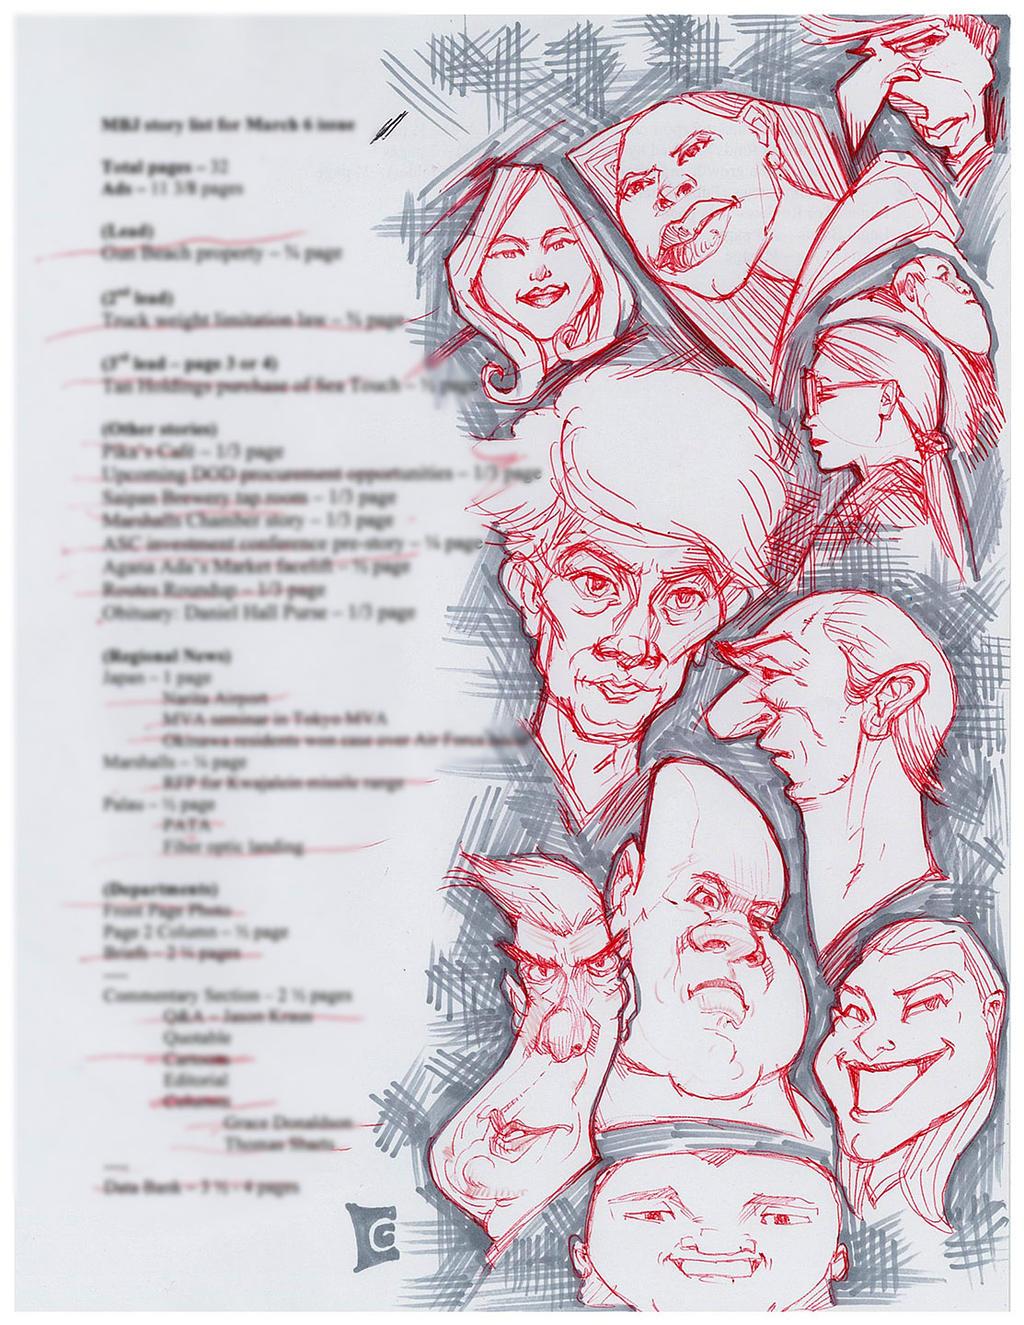 Doodle doodles people by c0nr4d